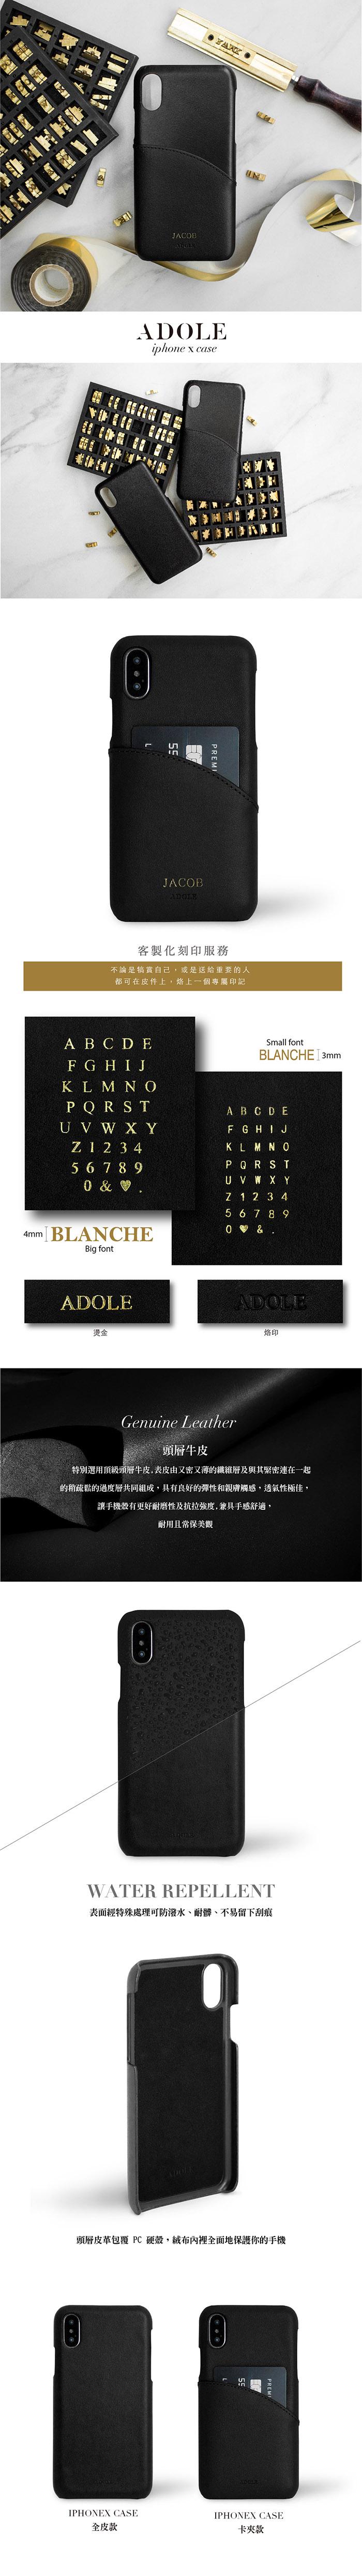 (複製)可刻字iPhone 7/8 4.7吋真皮防潑水手機殼-摩卡